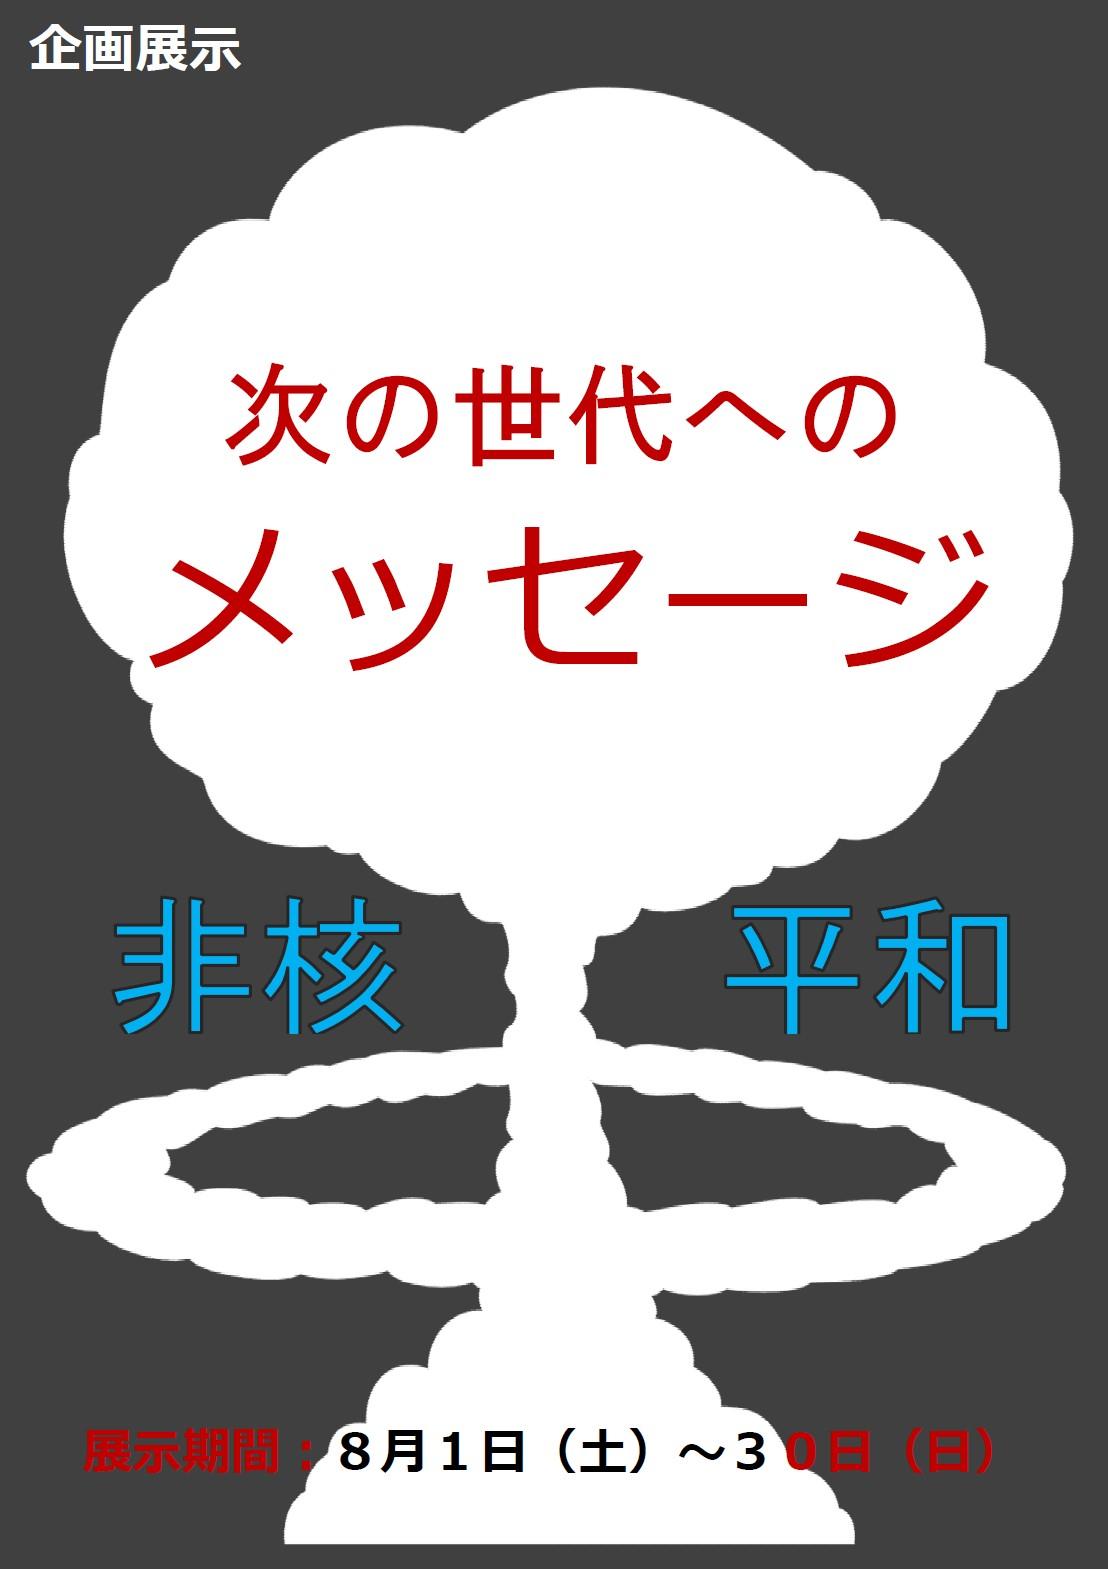 (~8/30まで)【相馬市】図書館企画展示「次の世代へのメッセージ(非核・平和)」 @ 相馬市図書館